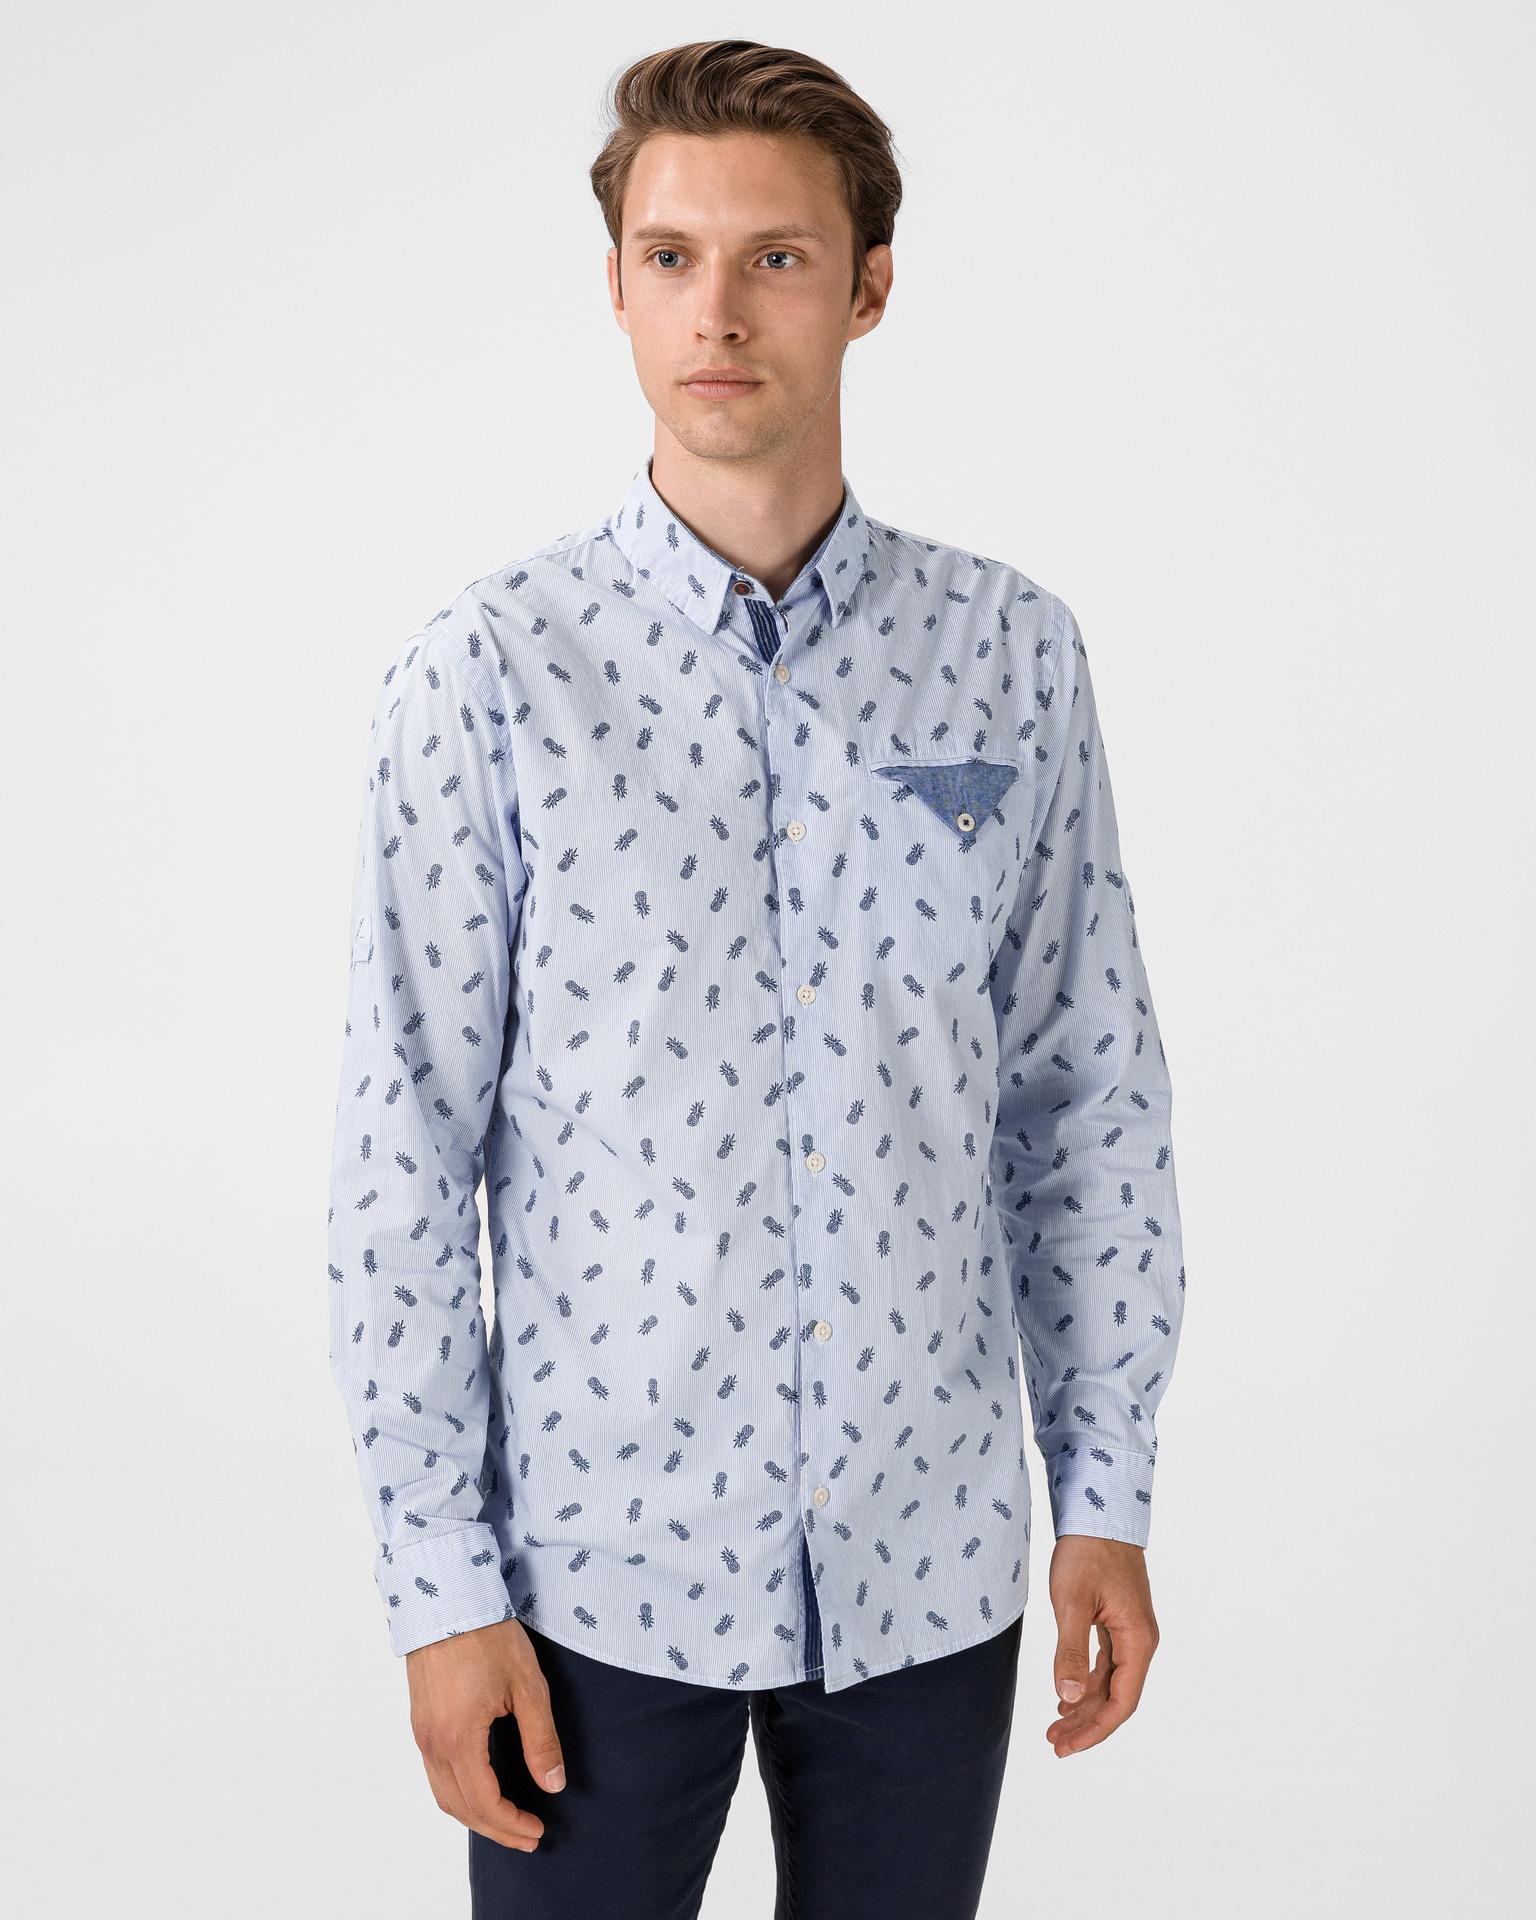 JACK & JONES chemise arnoldie-6